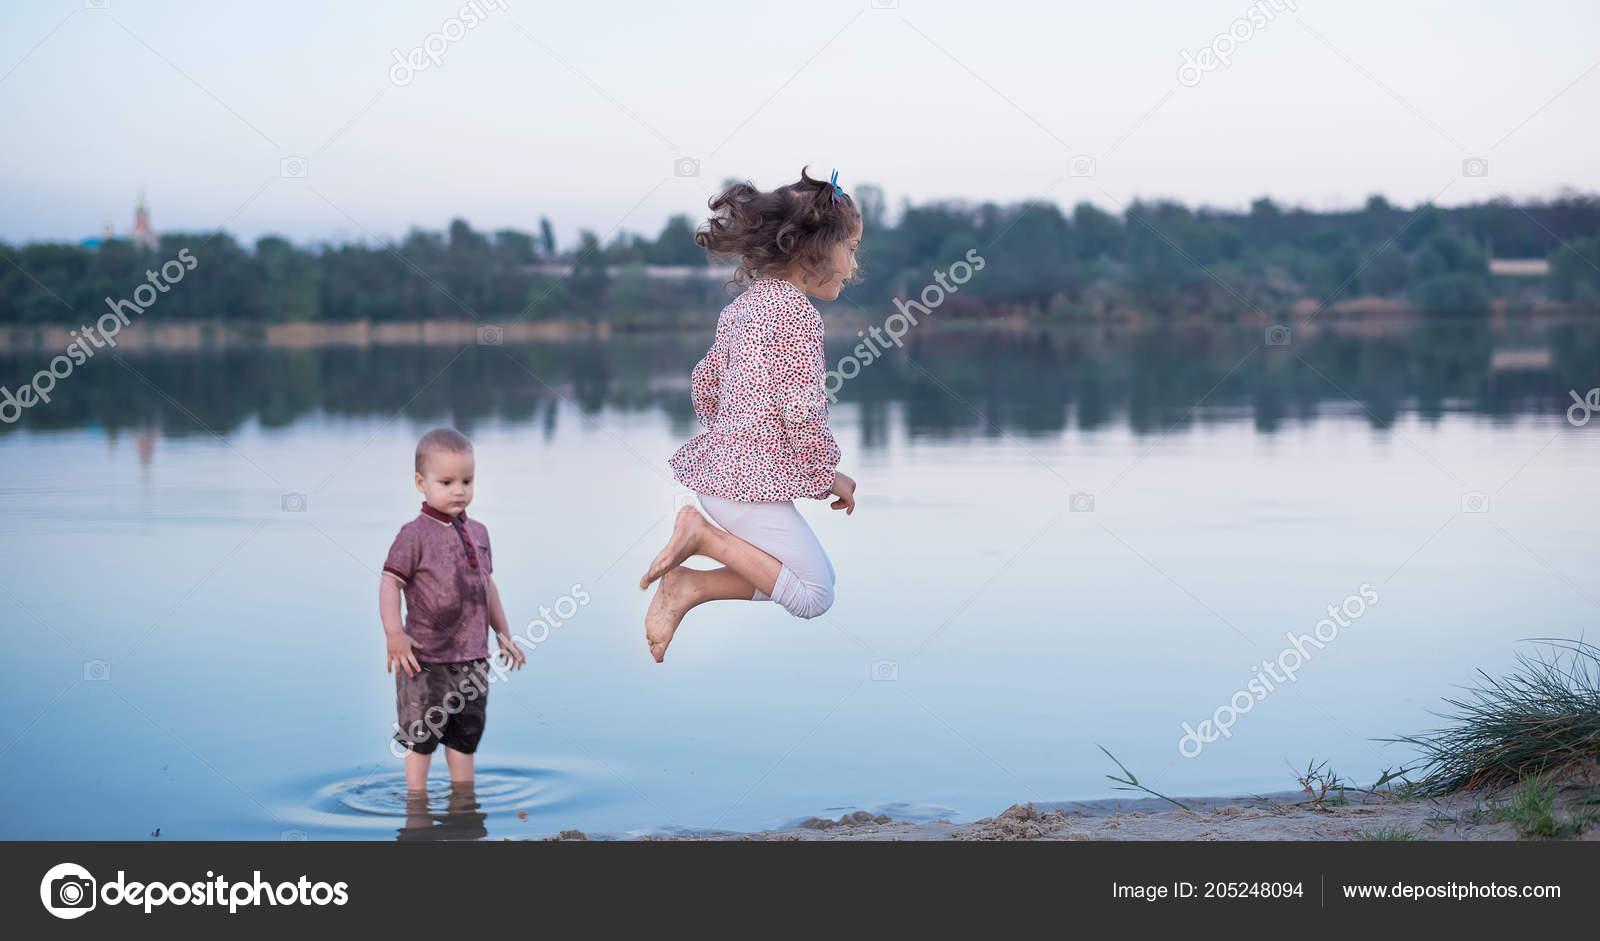 Пригает на брате, Сестра со сломанной рукой скачет на большом члене брата 17 фотография